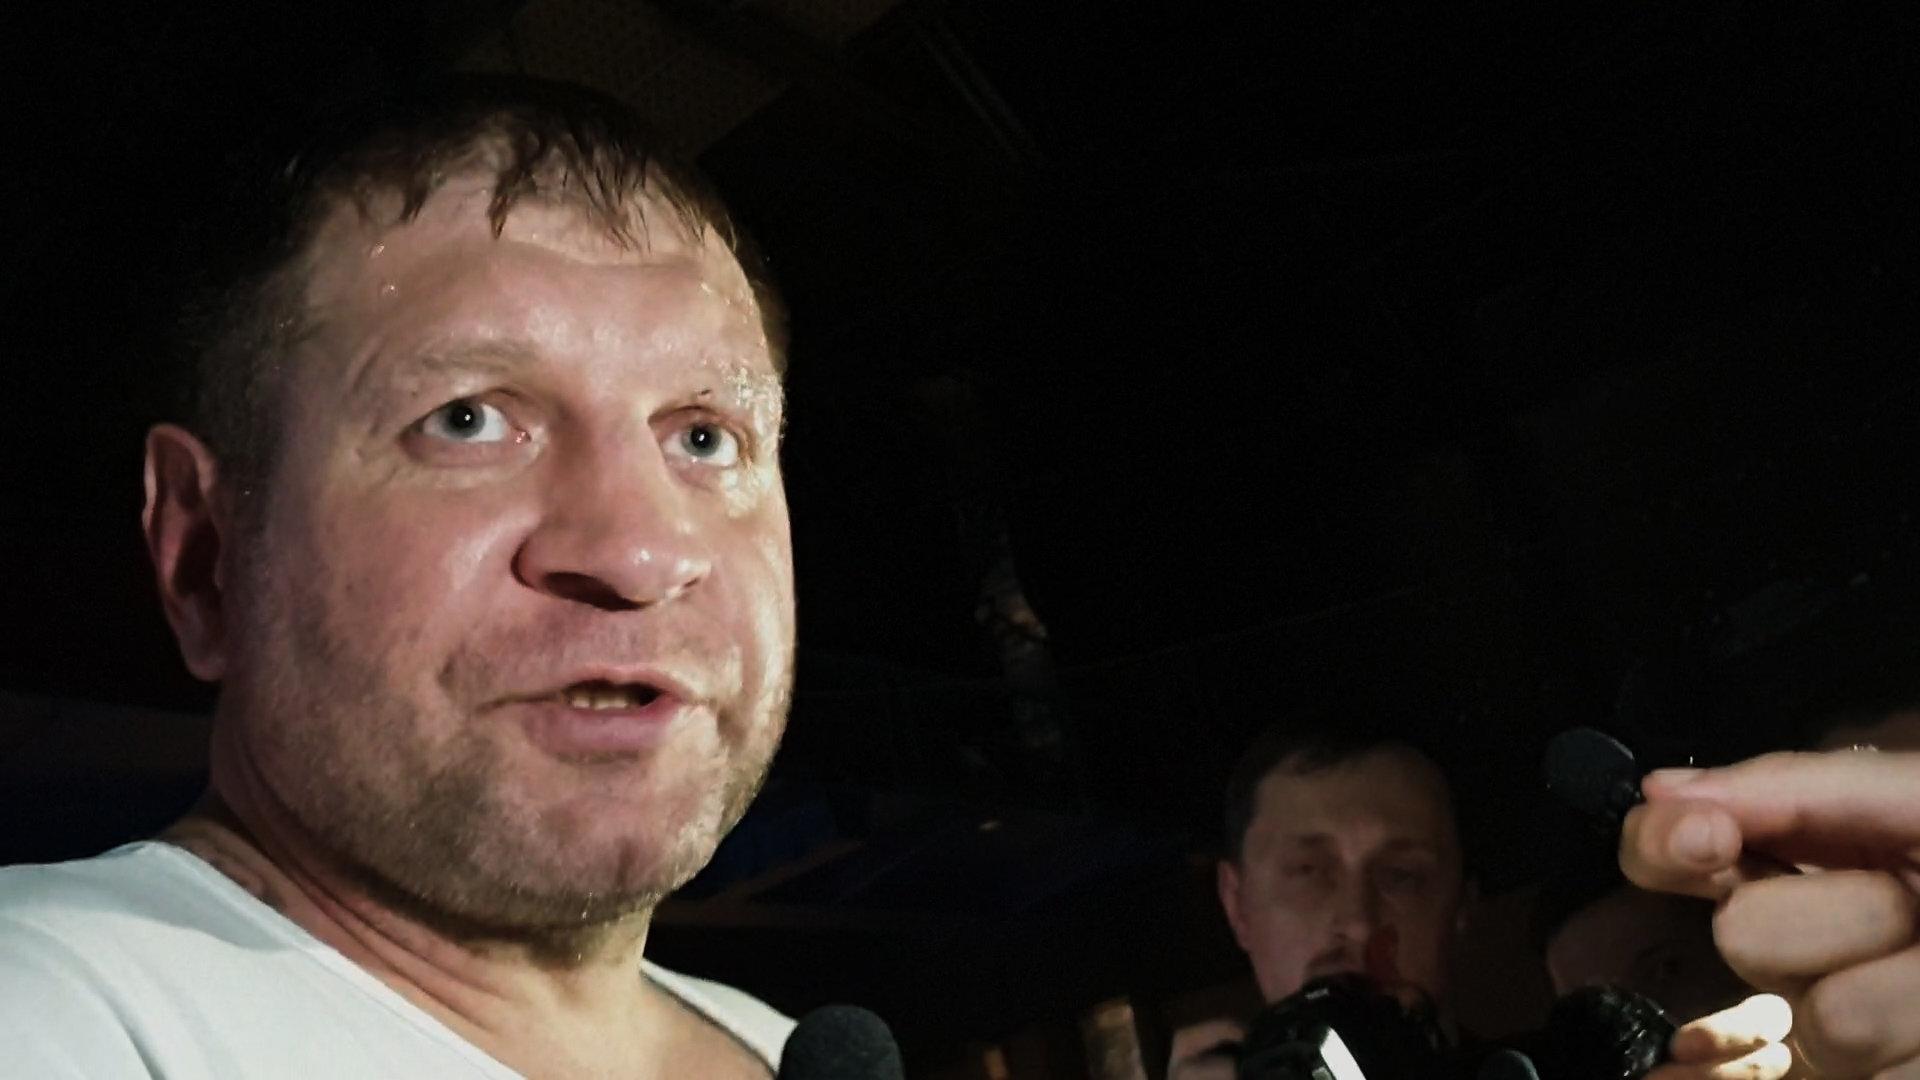 Блогер Артем Тарасов: «Видел страх в глазах Емельяненко»